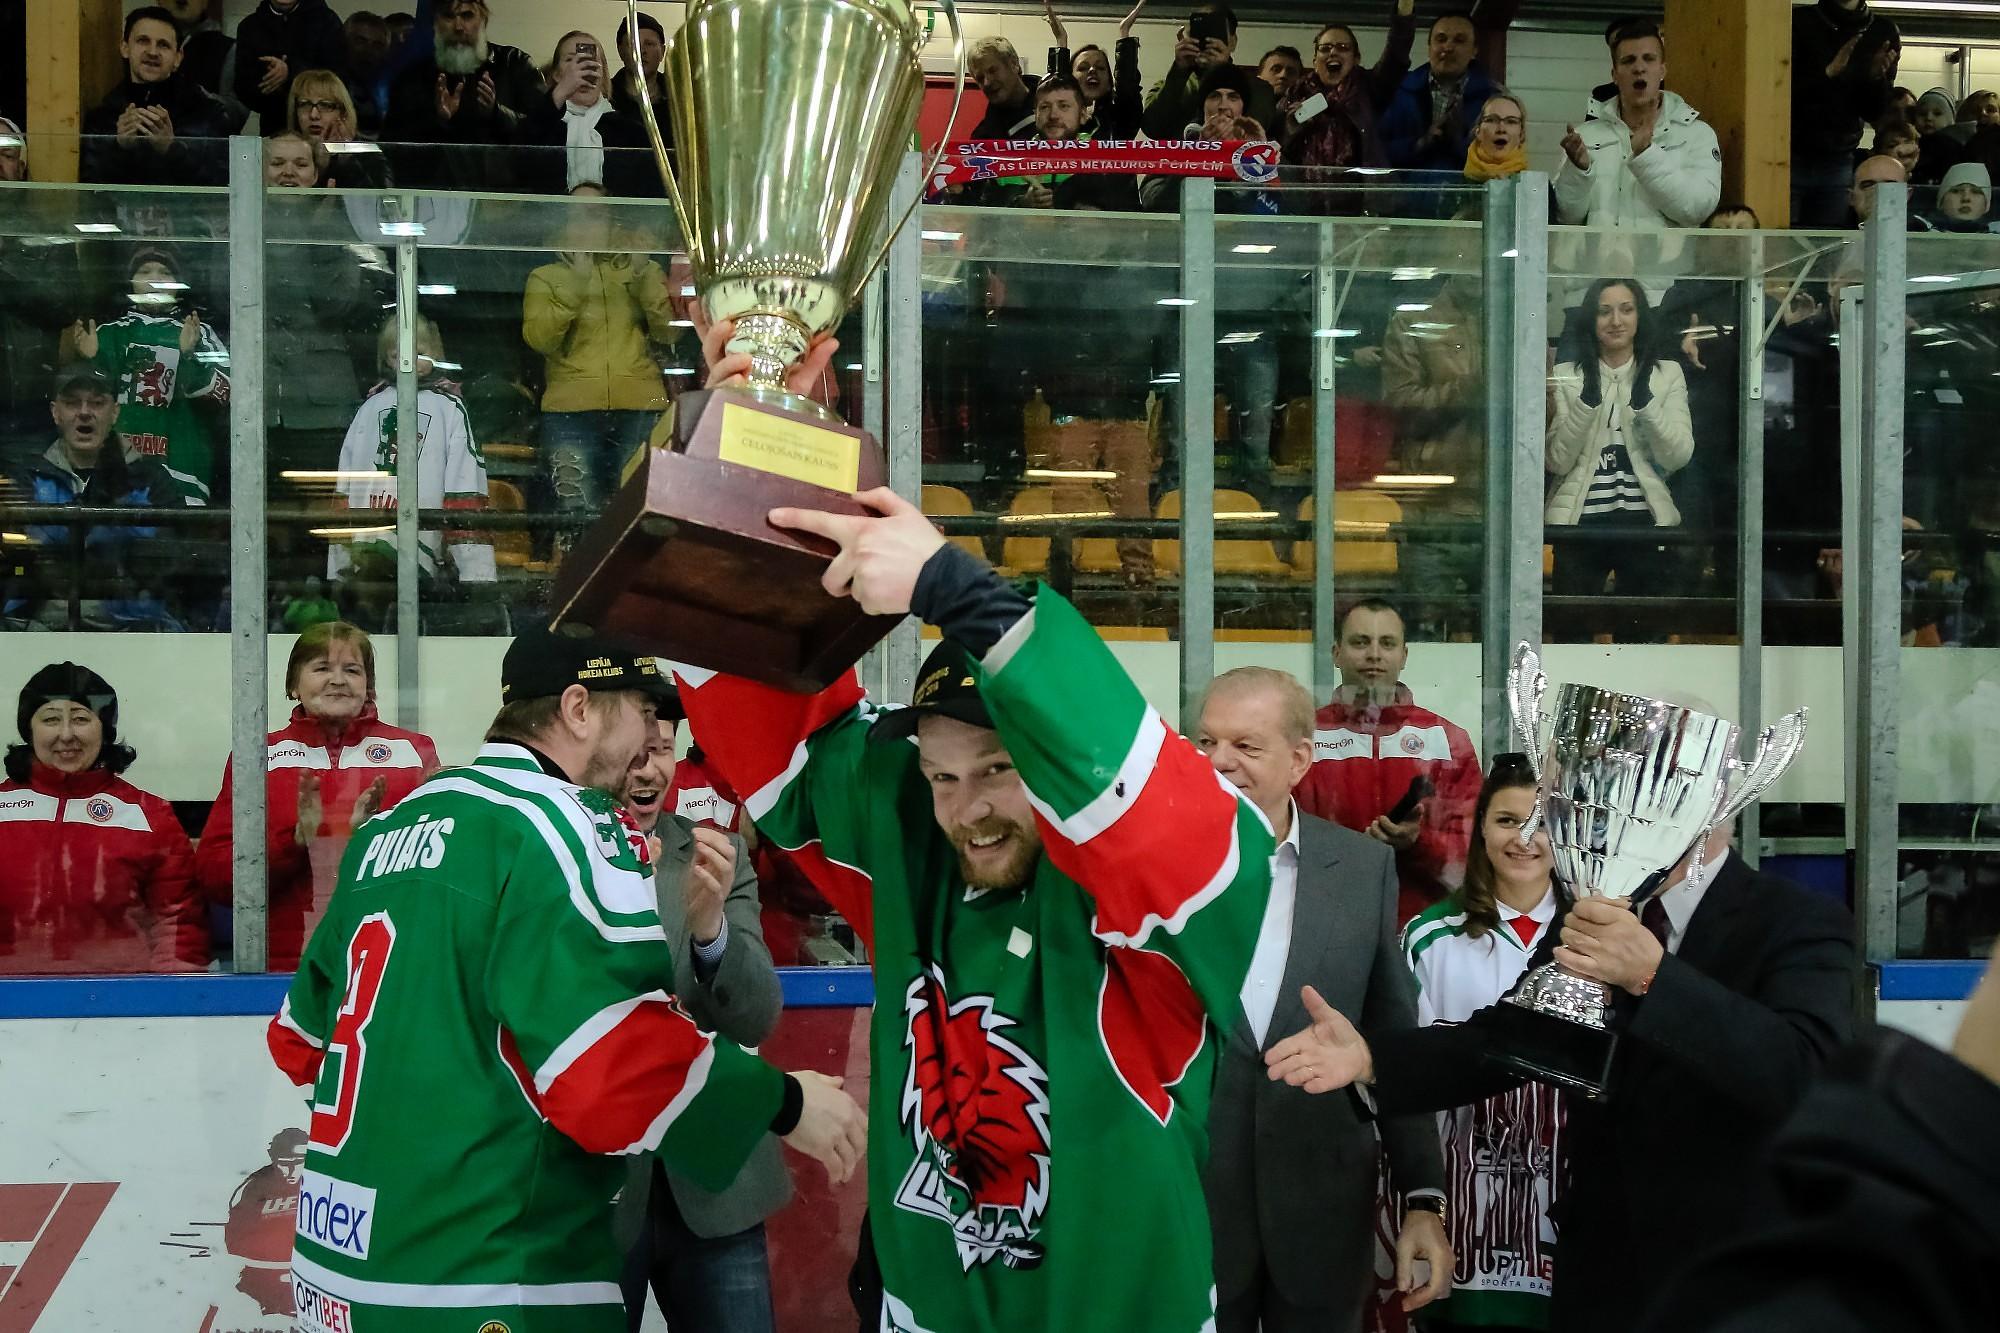 Zabis atzīts par Latvijas hokeja virslīgas sezonas vērtīgāko spēlētāju